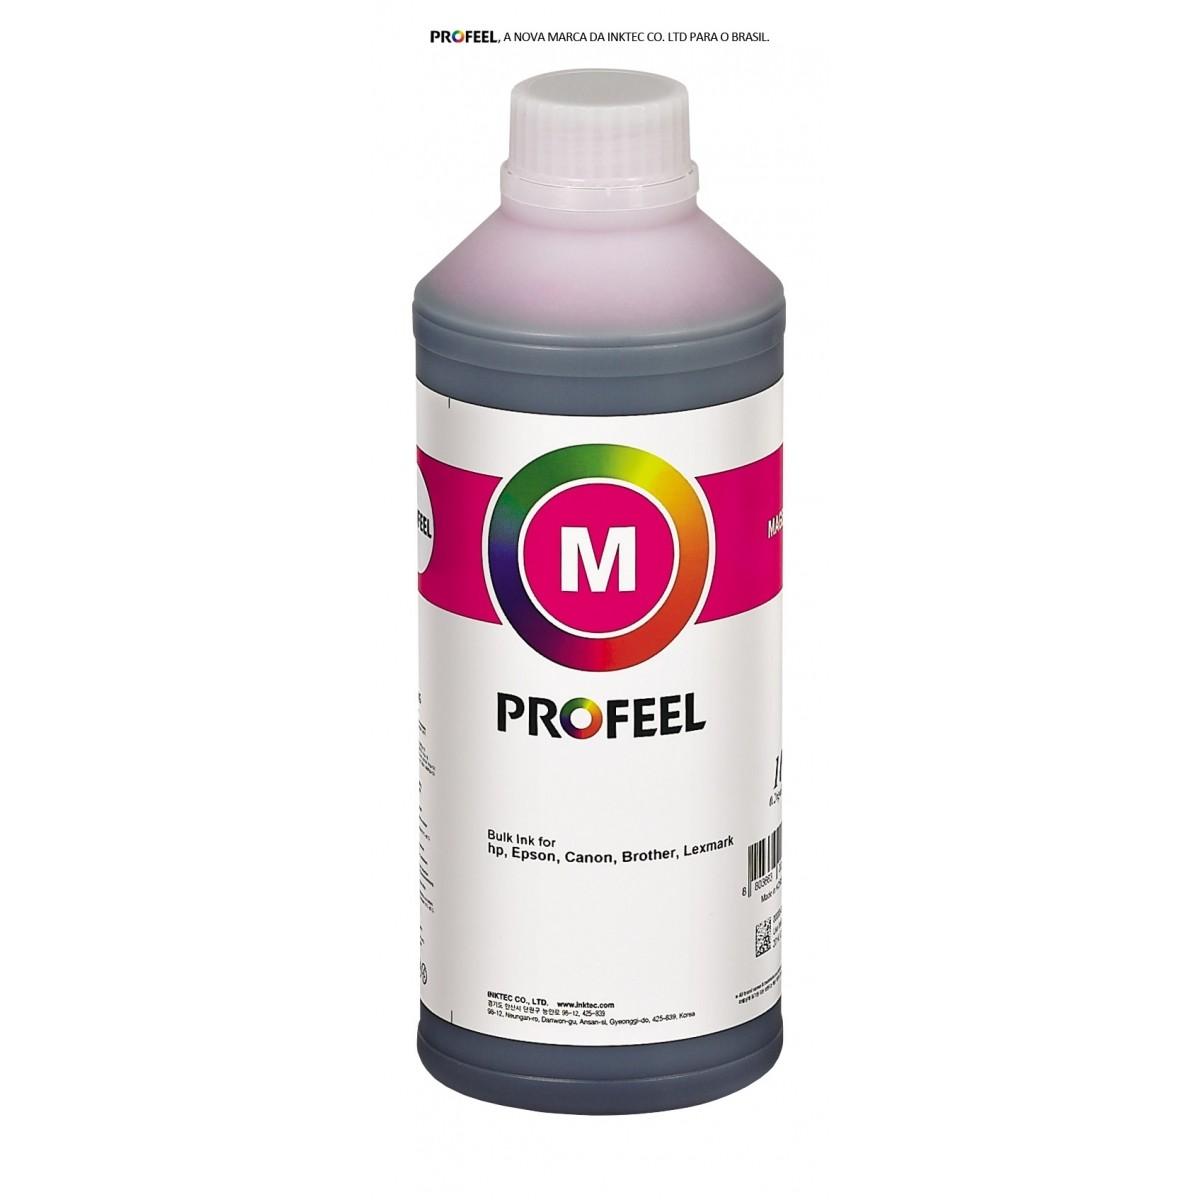 Tinta pigmentada InkTec Profeel para Epson | modelo E0013-01LM | Frasco de 1 litro | Cor : Magenta